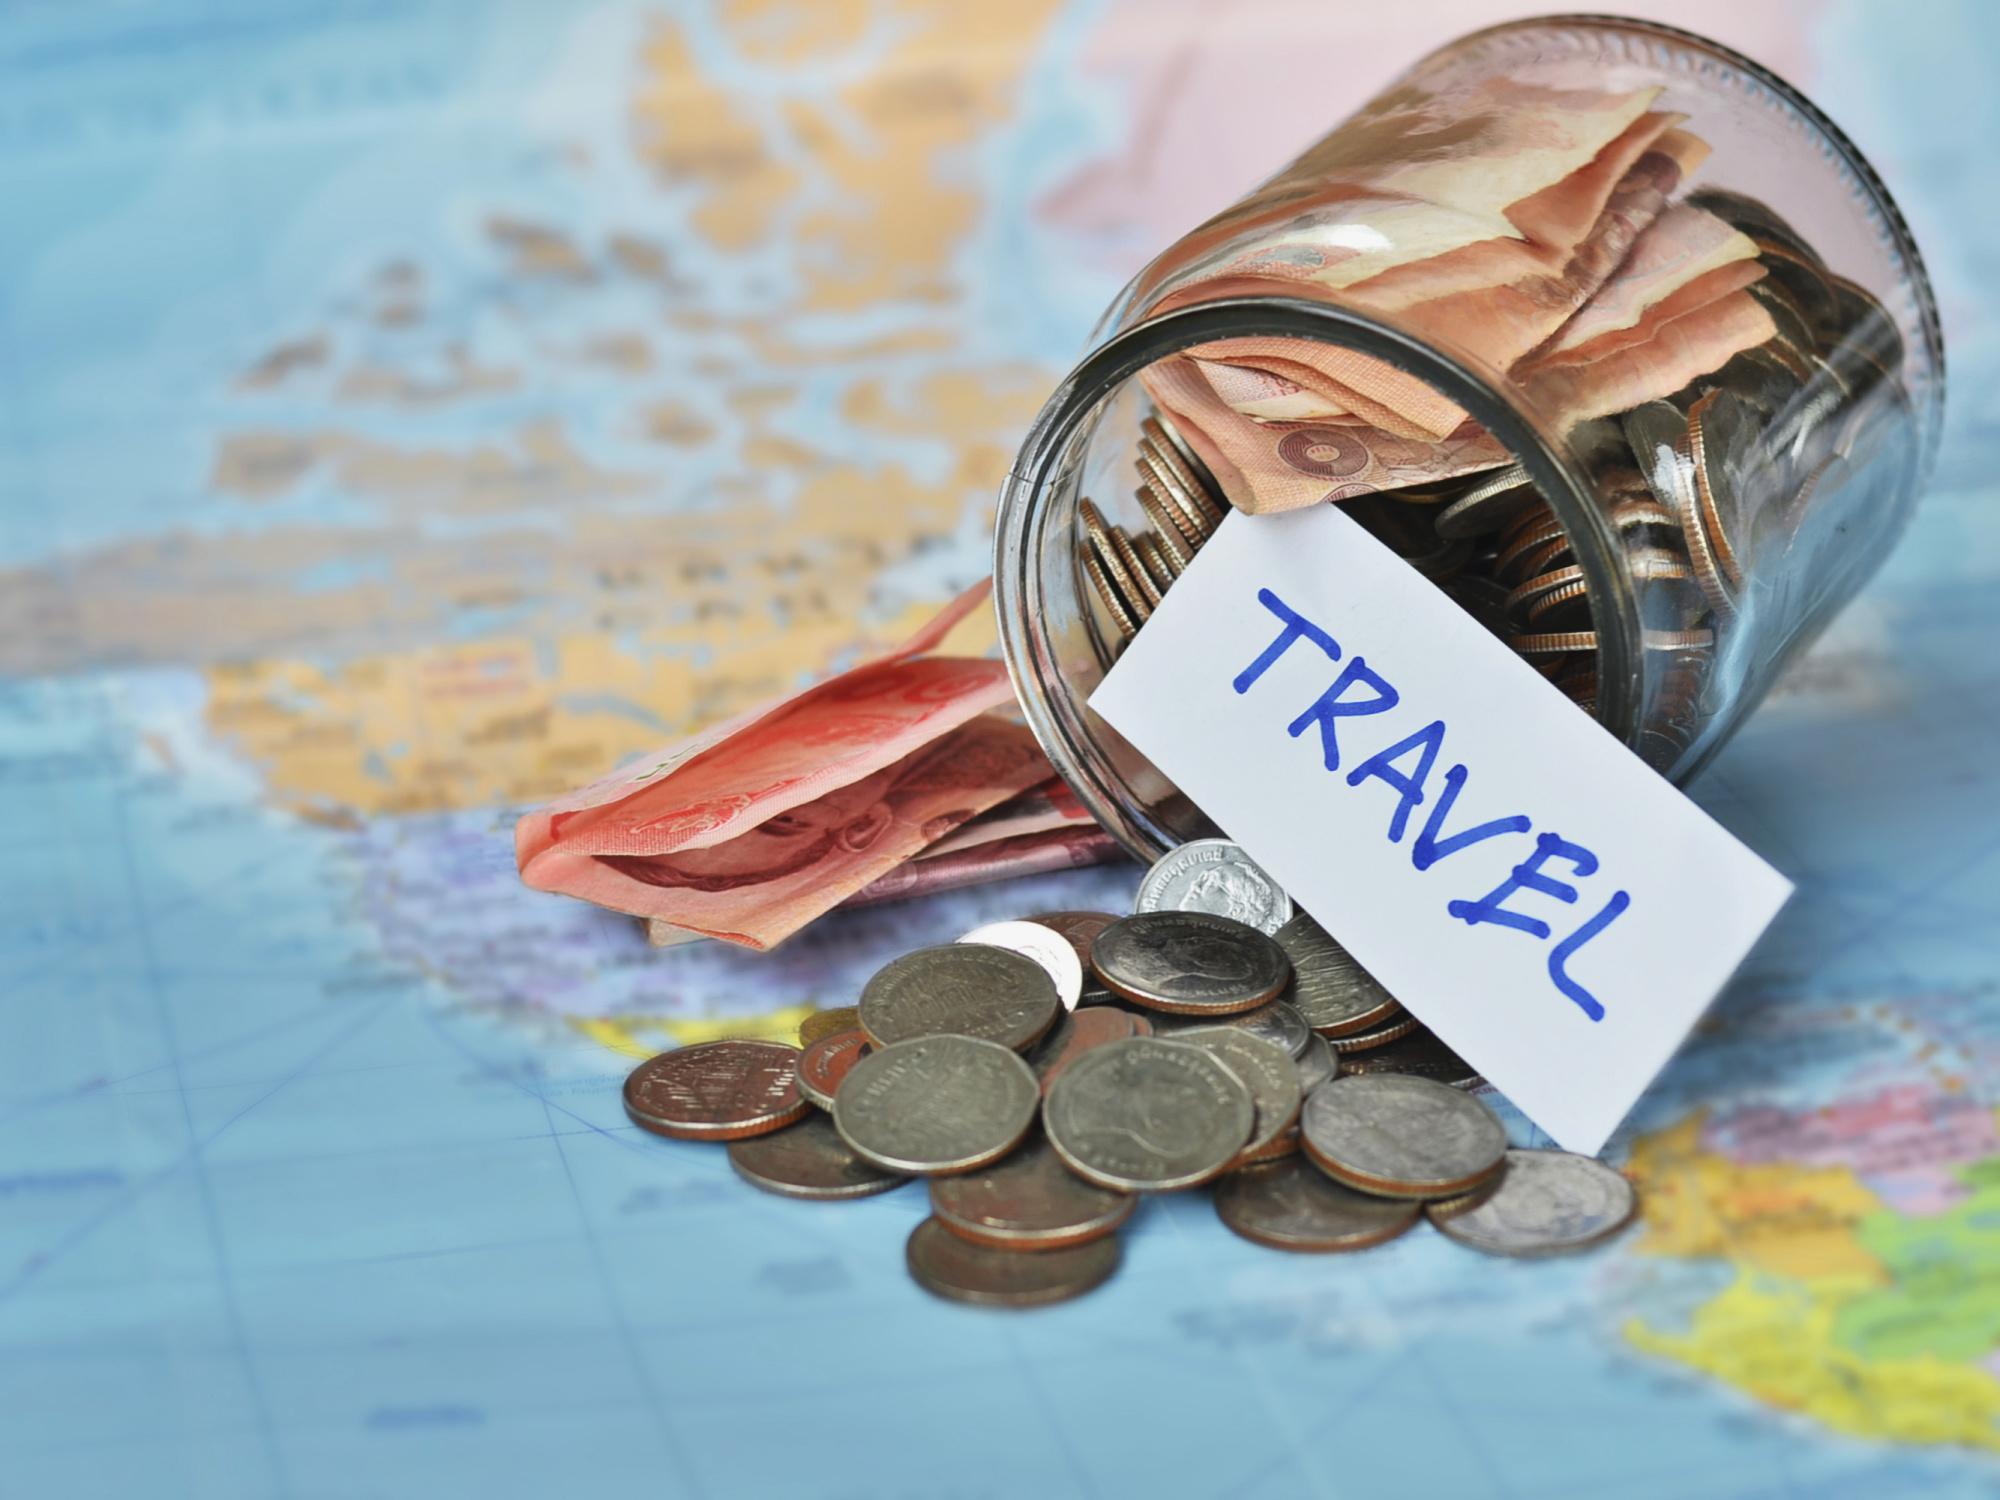 Топ-7 полезных советов для новичков от бывалых путешественников